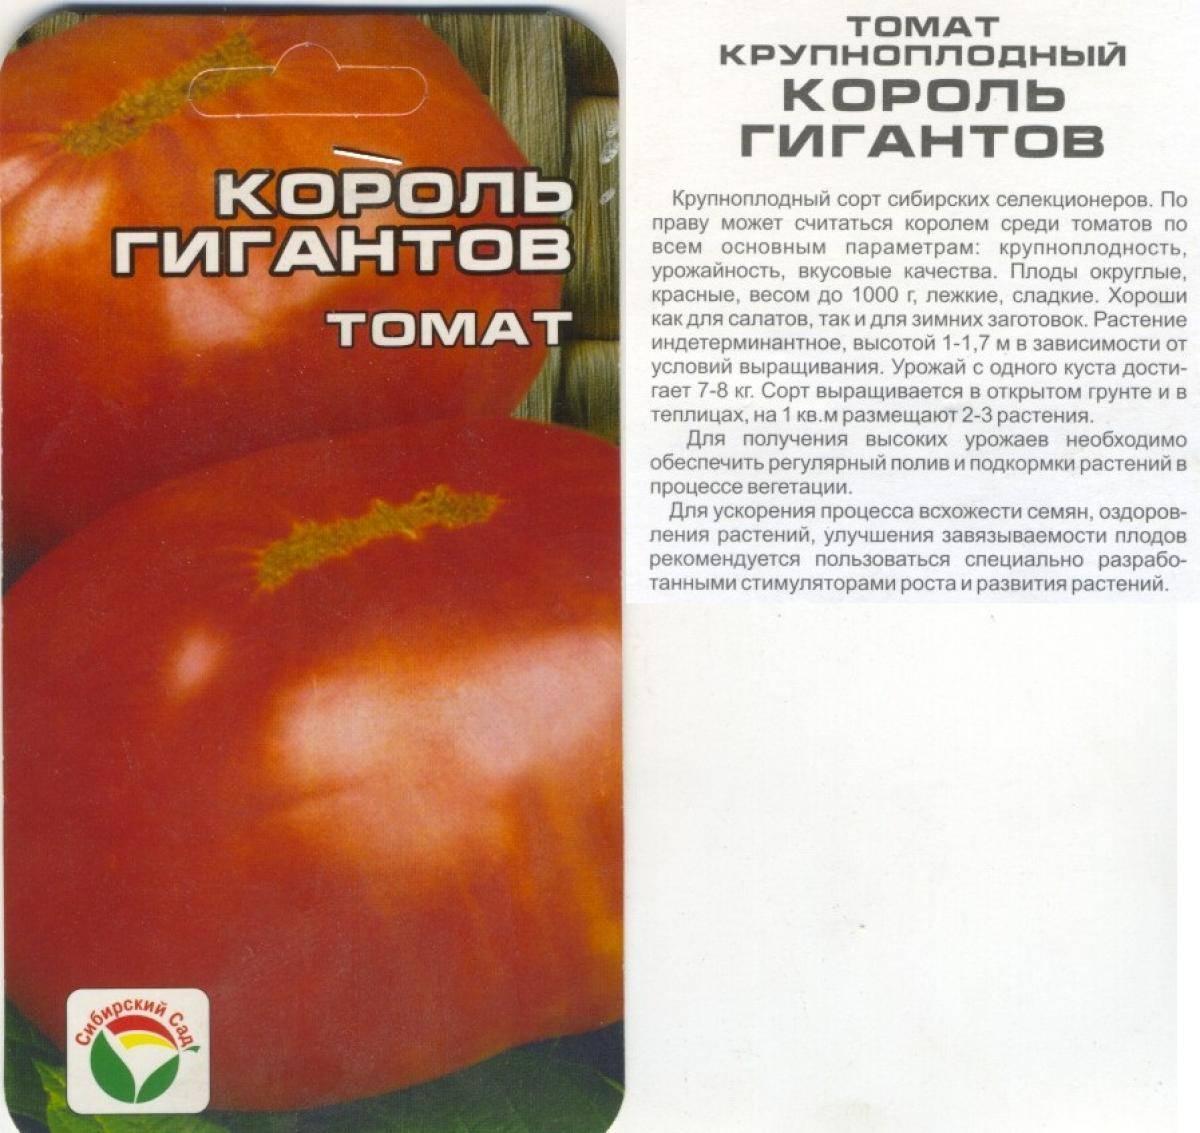 Необычайно вкусный томат «король гигантов»: характеристика и описание сорта, фото